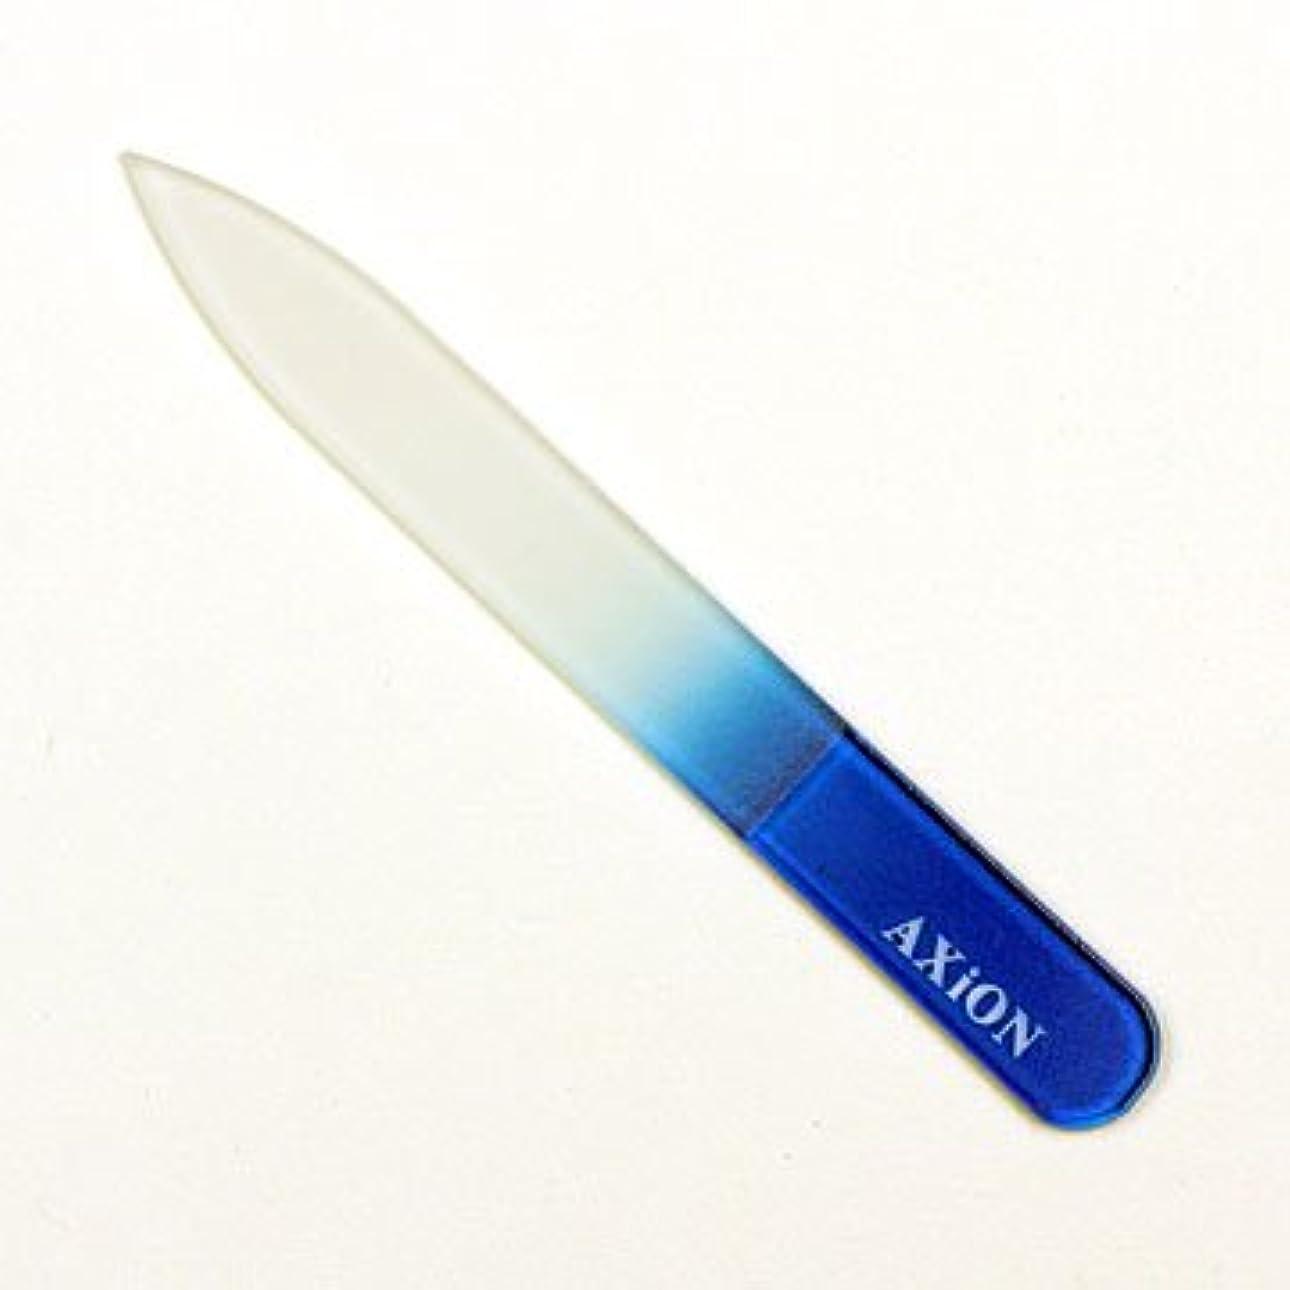 勧告もの配分チェコ製 AXiON(アクシオン)ガラス製爪ヤスリ(ブルー)両面タイプ #slg009567fba